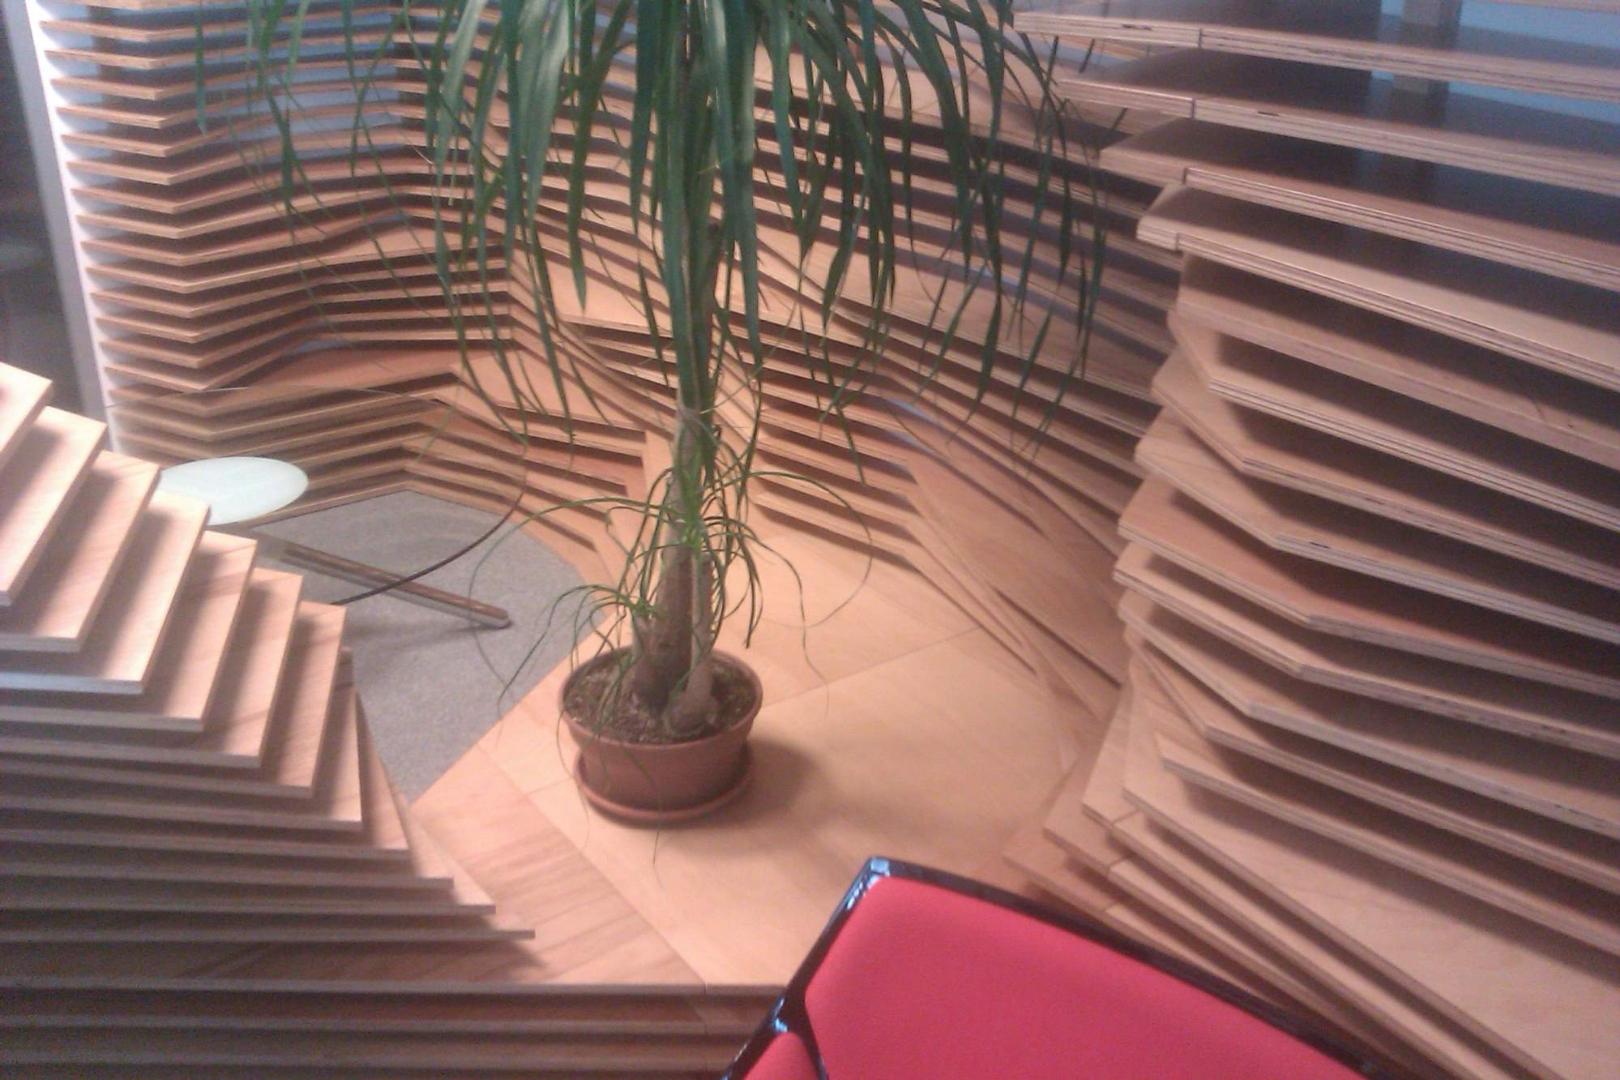 kinnarps receptie placari lemn corian  front desk007